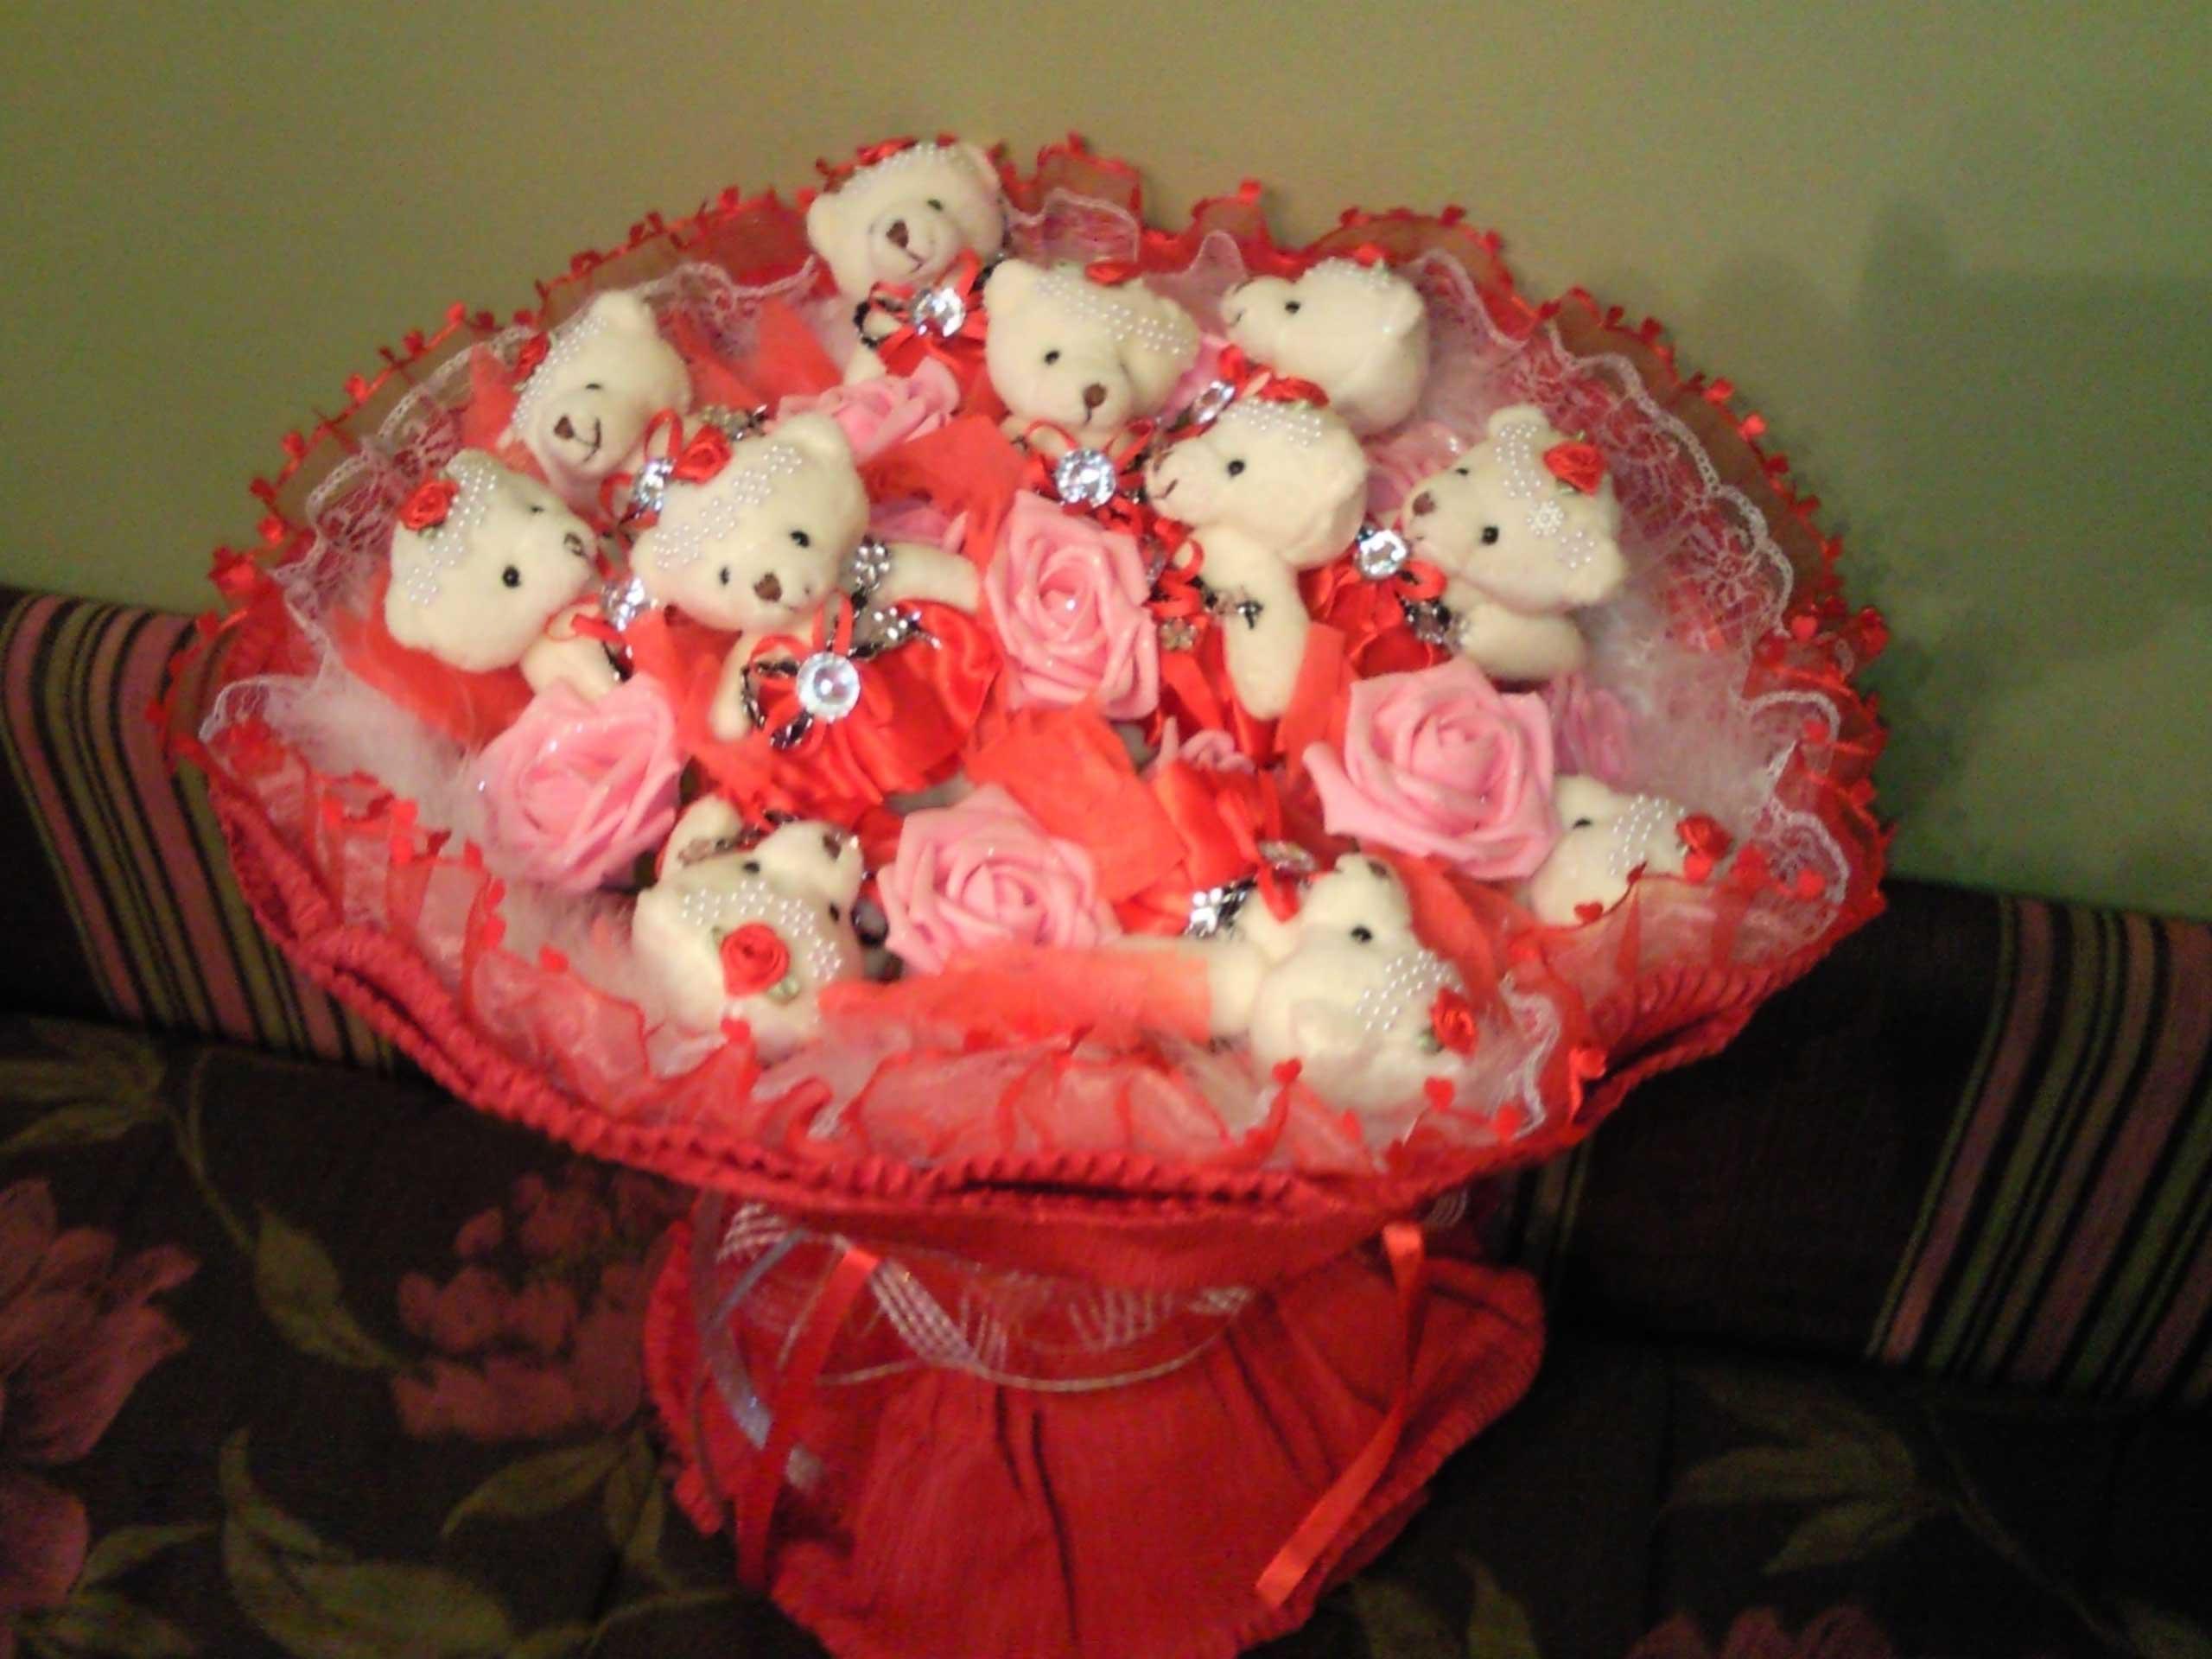 Фото букета цветов и игрушки